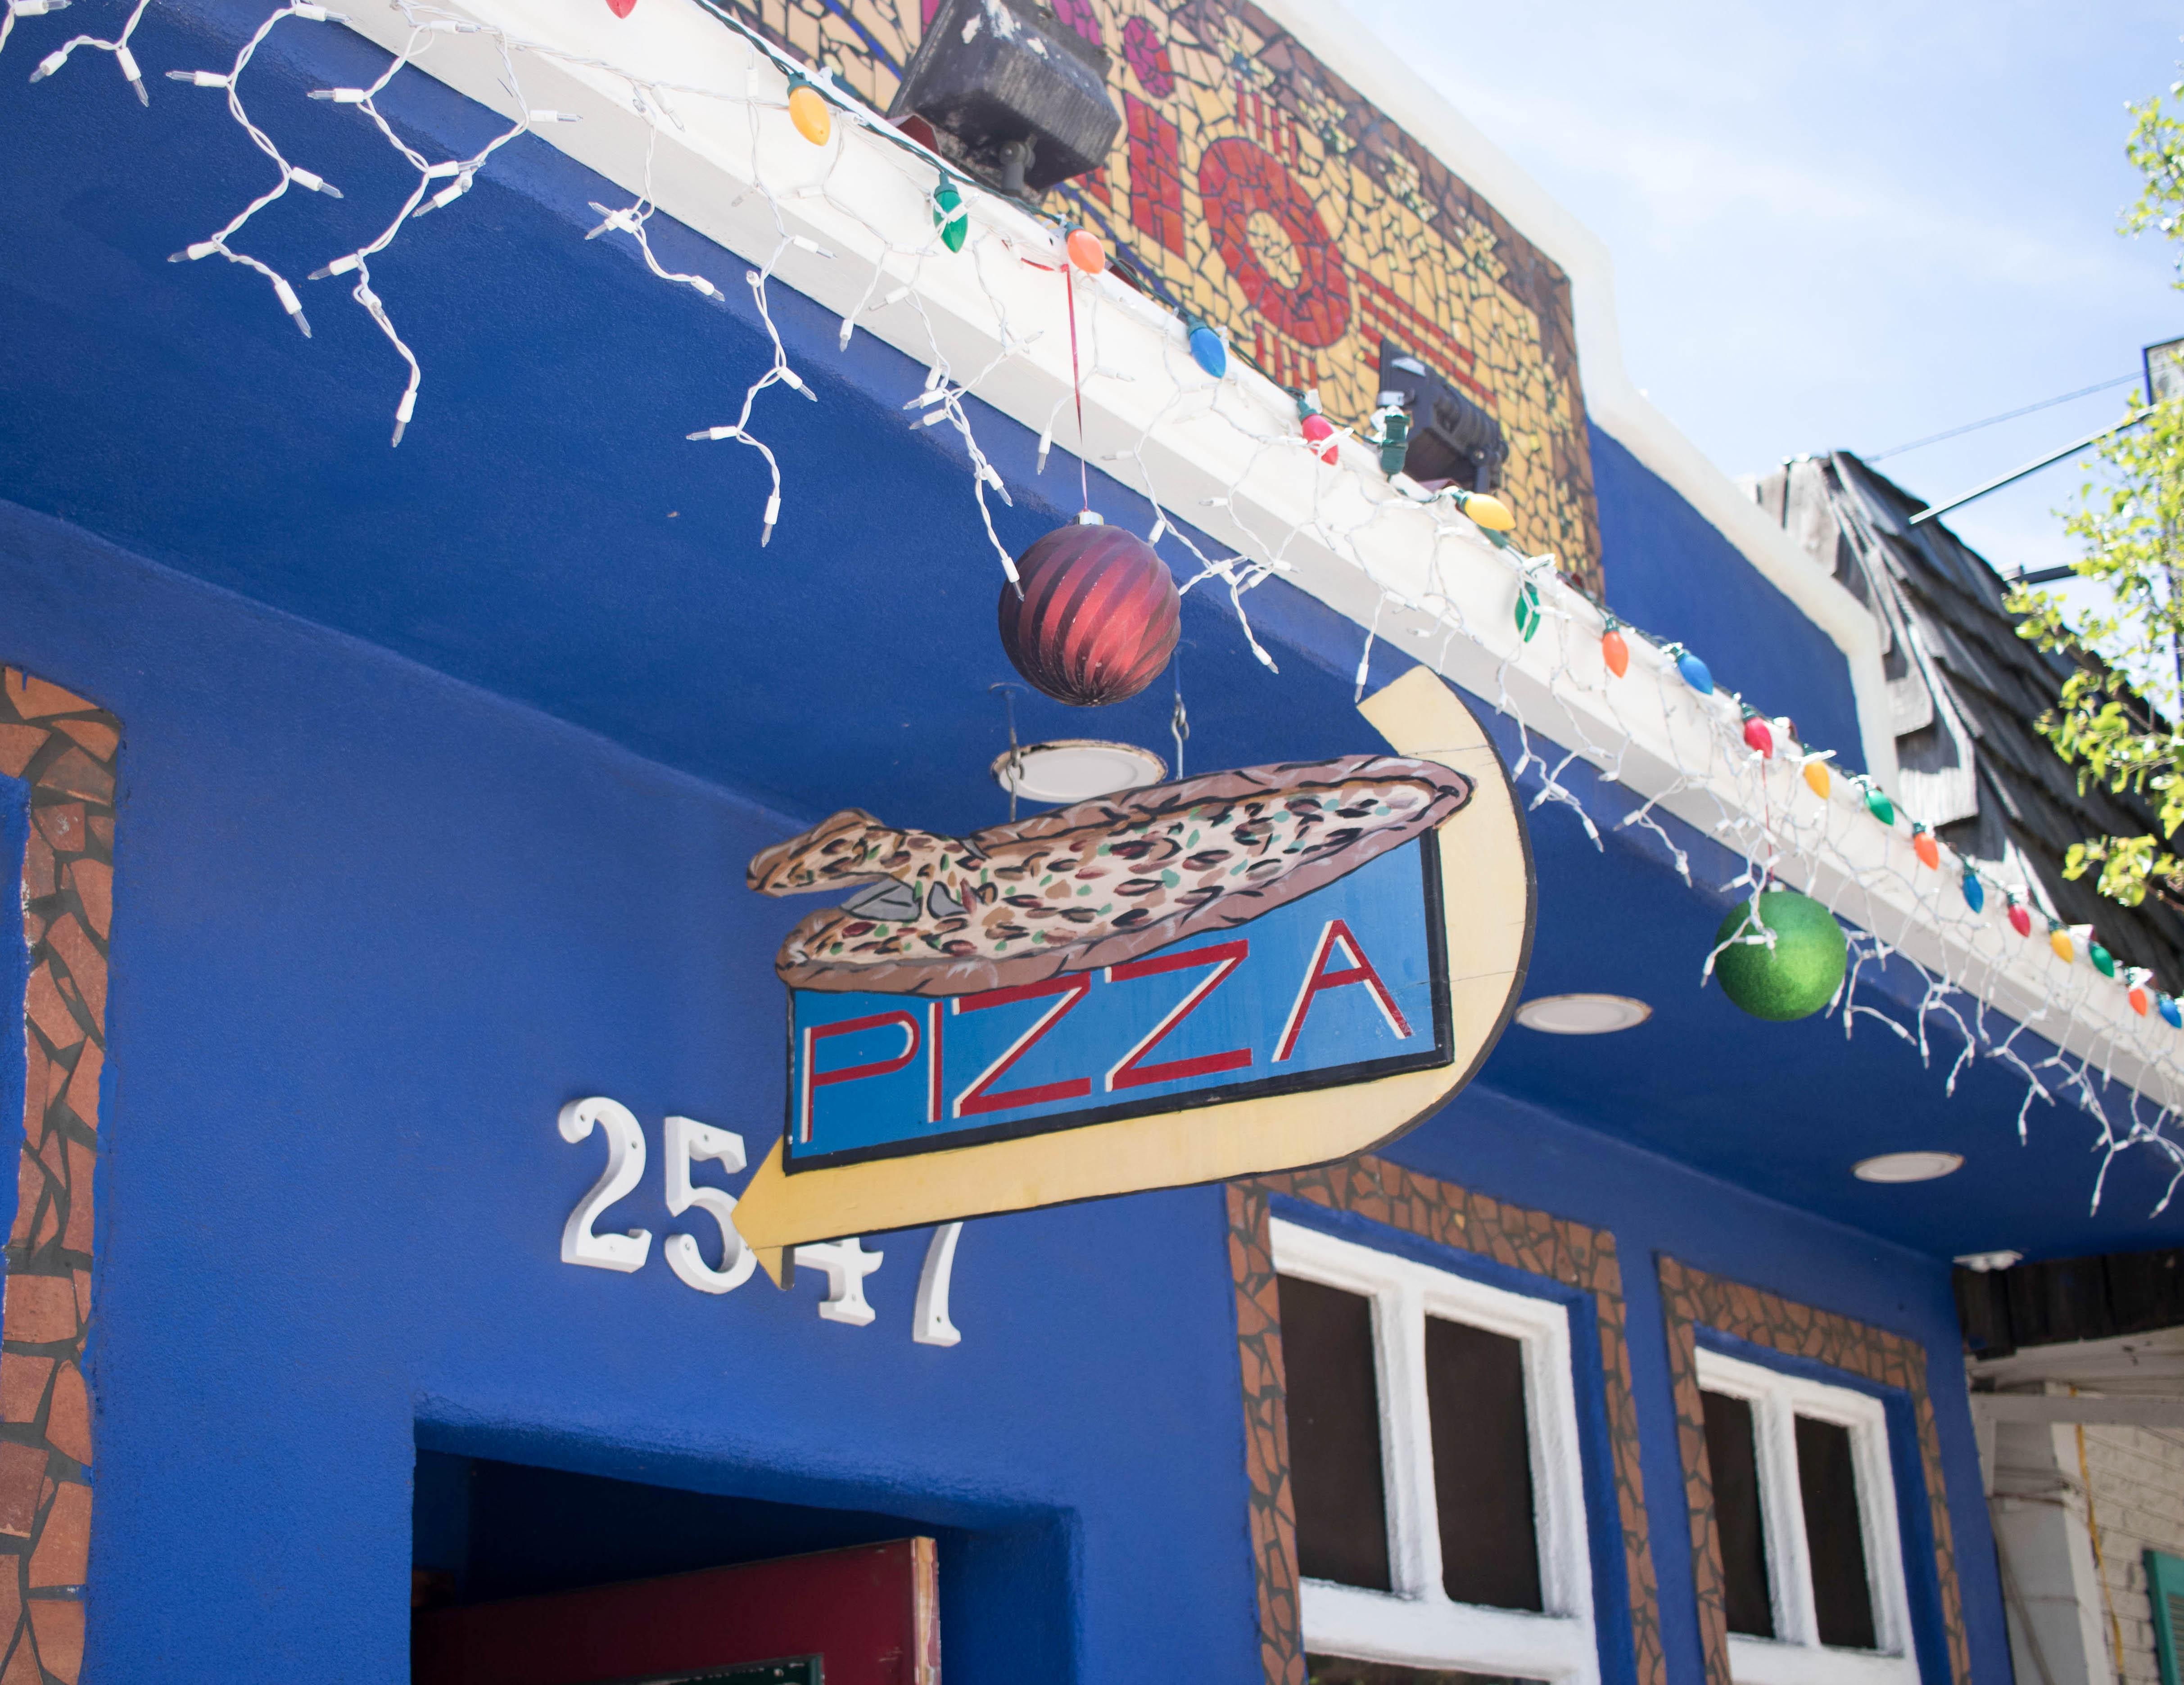 cafe rio pizza Ruidoso new Mexico #pizza #newmexicofood #travel